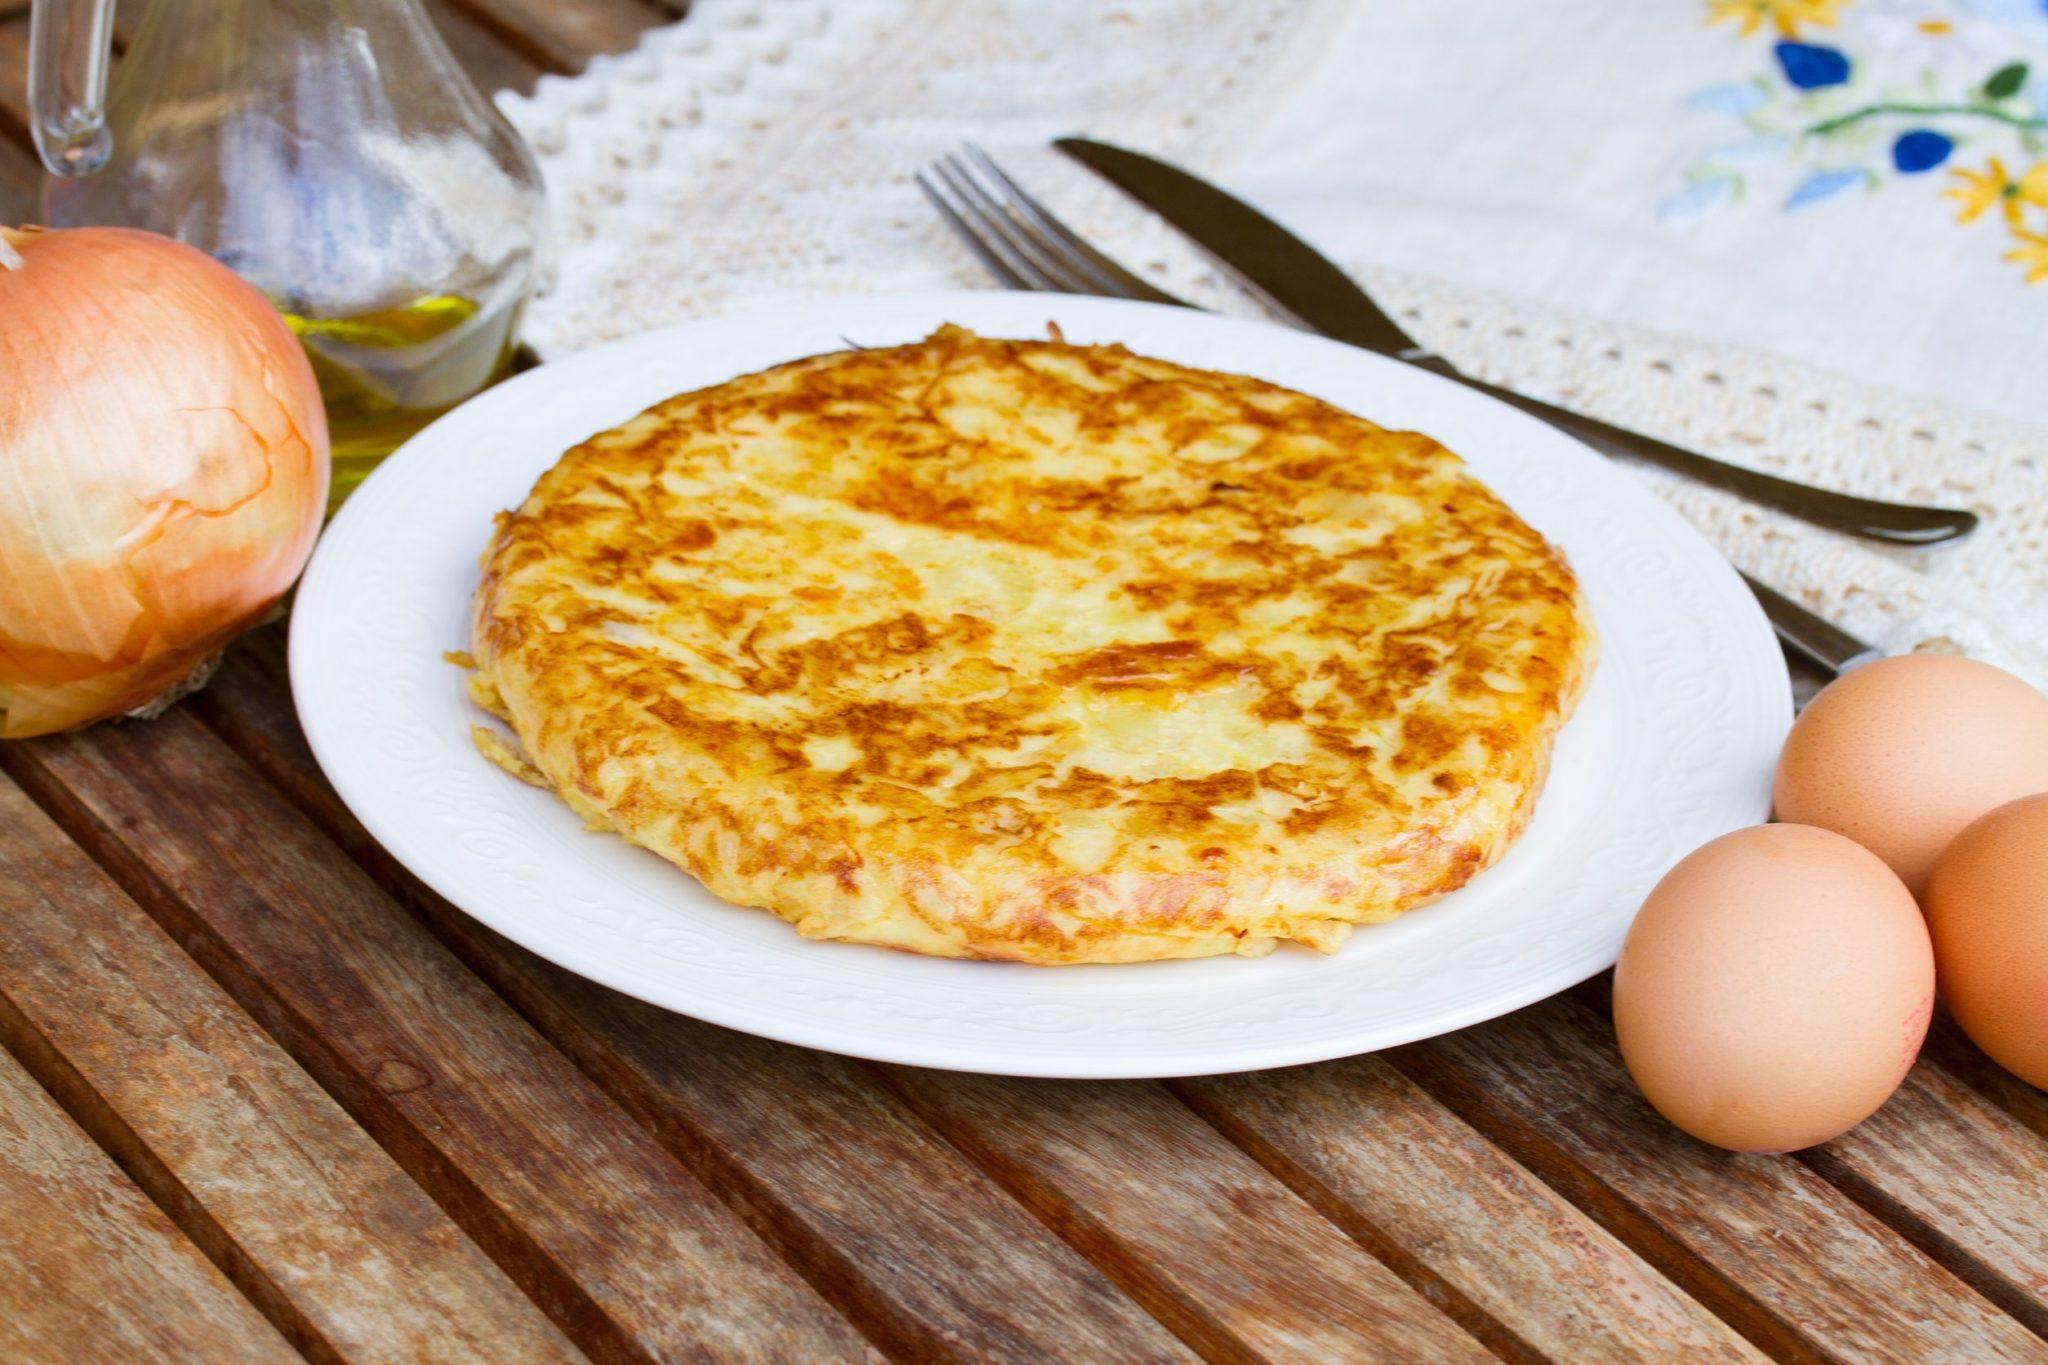 Pranzo Al Sacco Magro : Frittata perfetta come prepararla e quali ingredienti usare